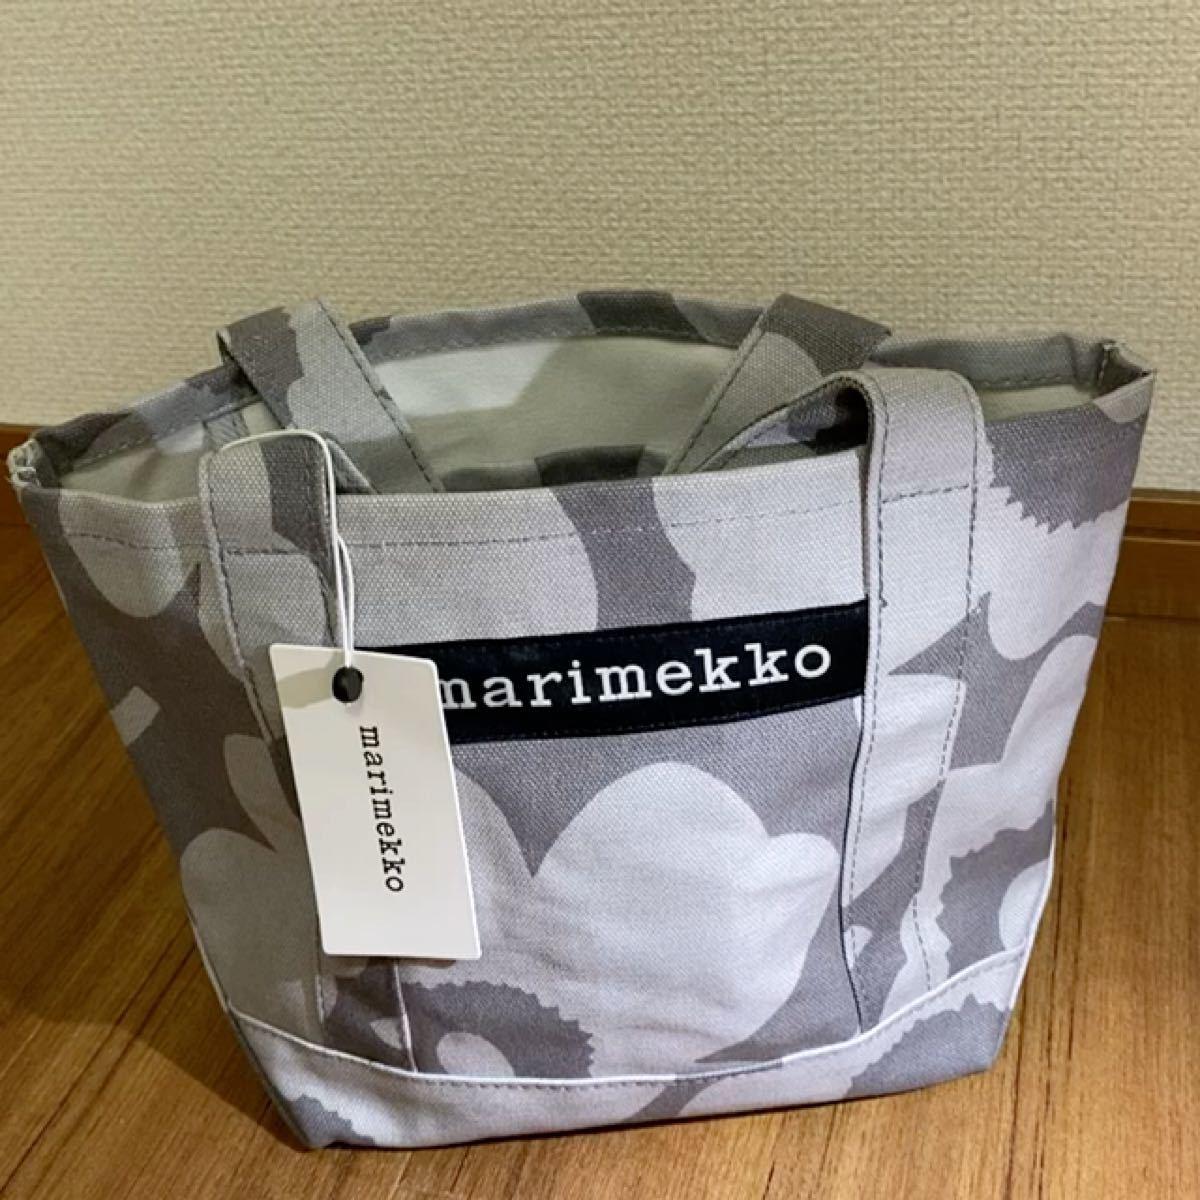 【新品未使用】マリメッコ marimekko トートバッグ (セイディ)(ウニッコ)